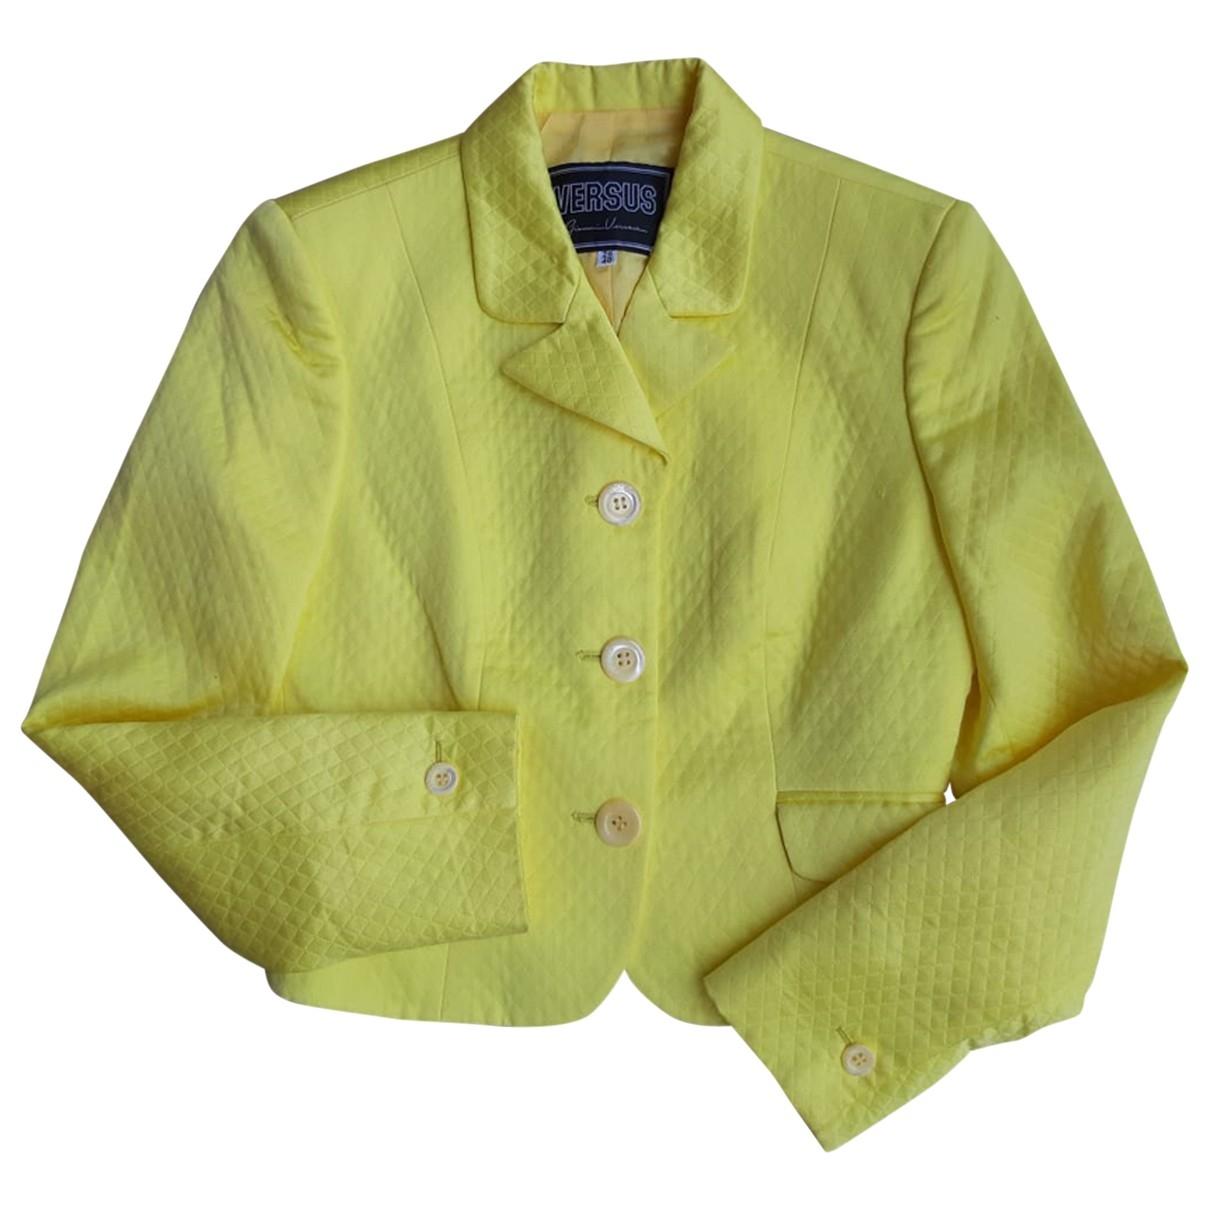 Versus \N Jacke in  Gelb Baumwolle